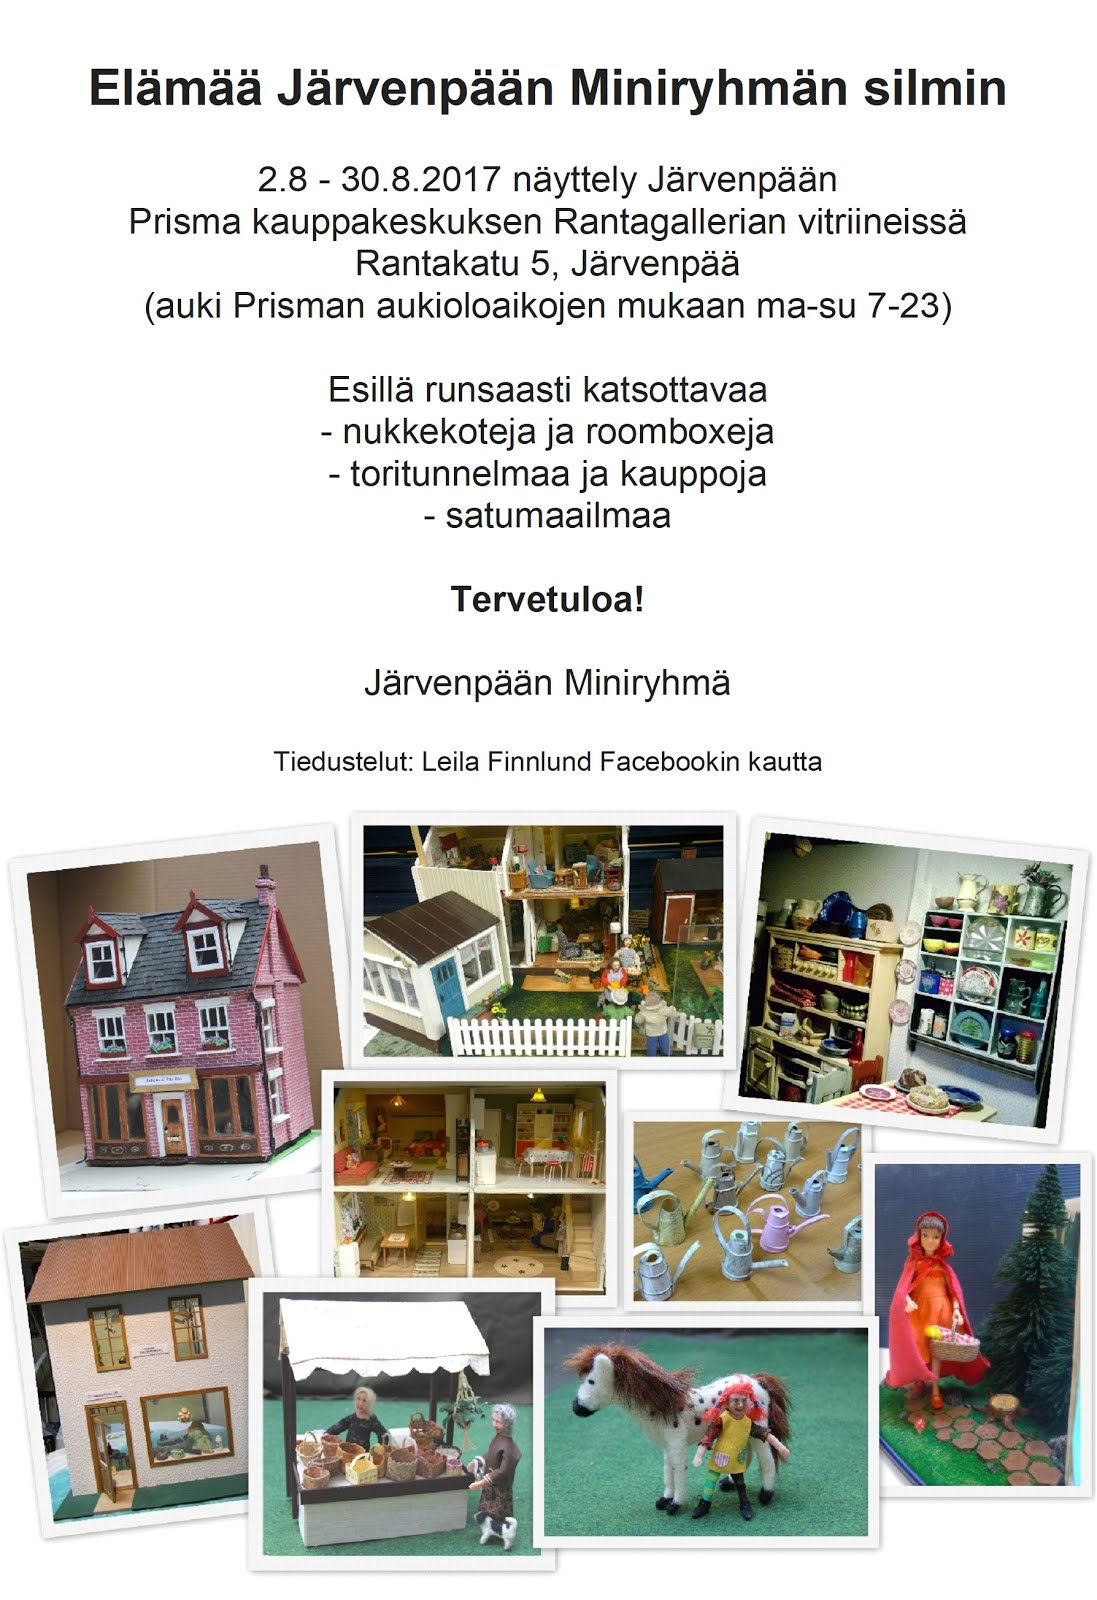 Näyttely 2.-30.8.2017